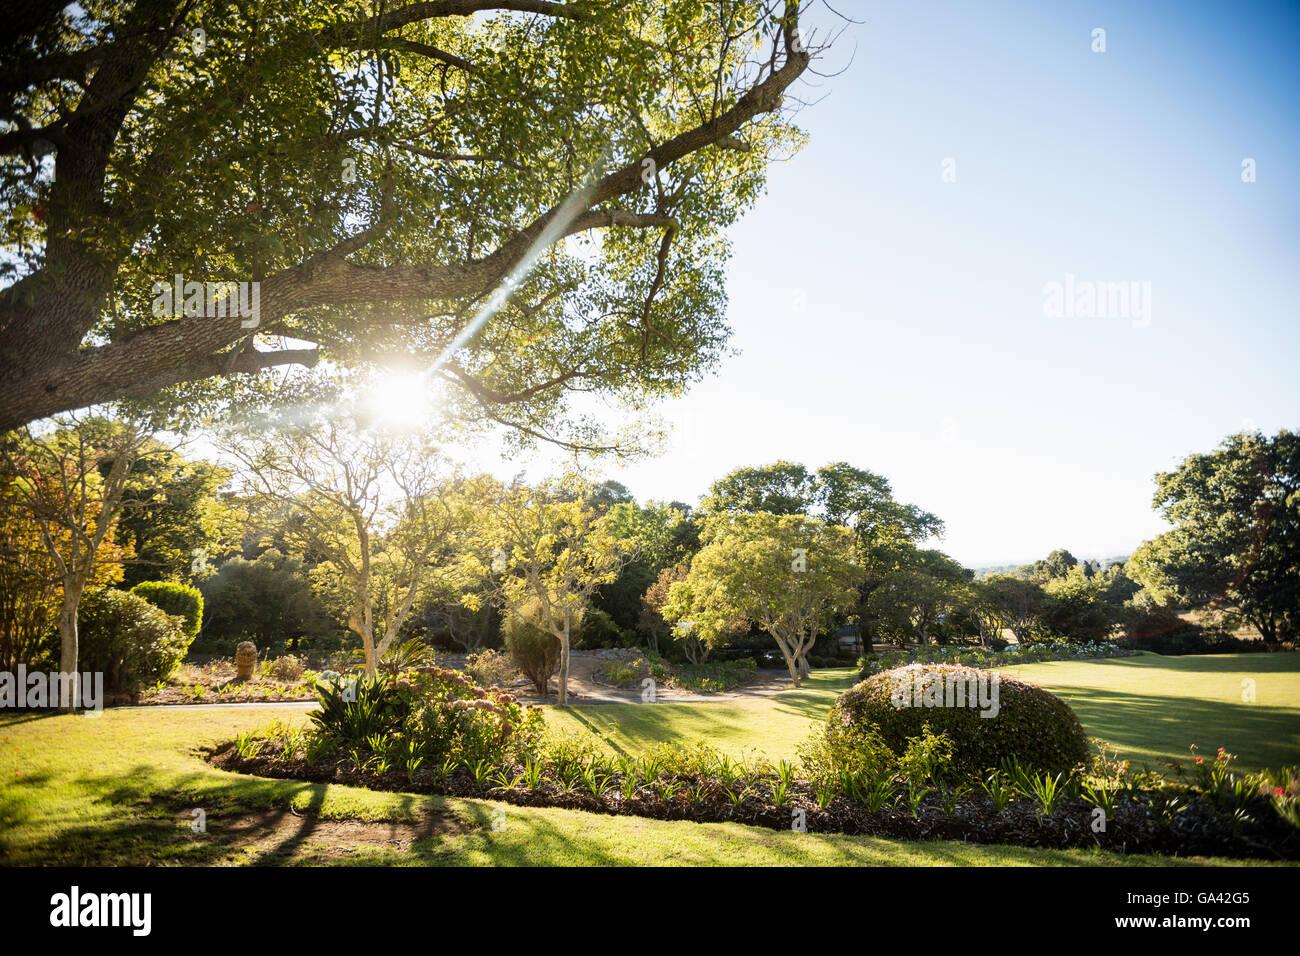 Bild von Park mit Bäumen ohne Menschen Stockbild